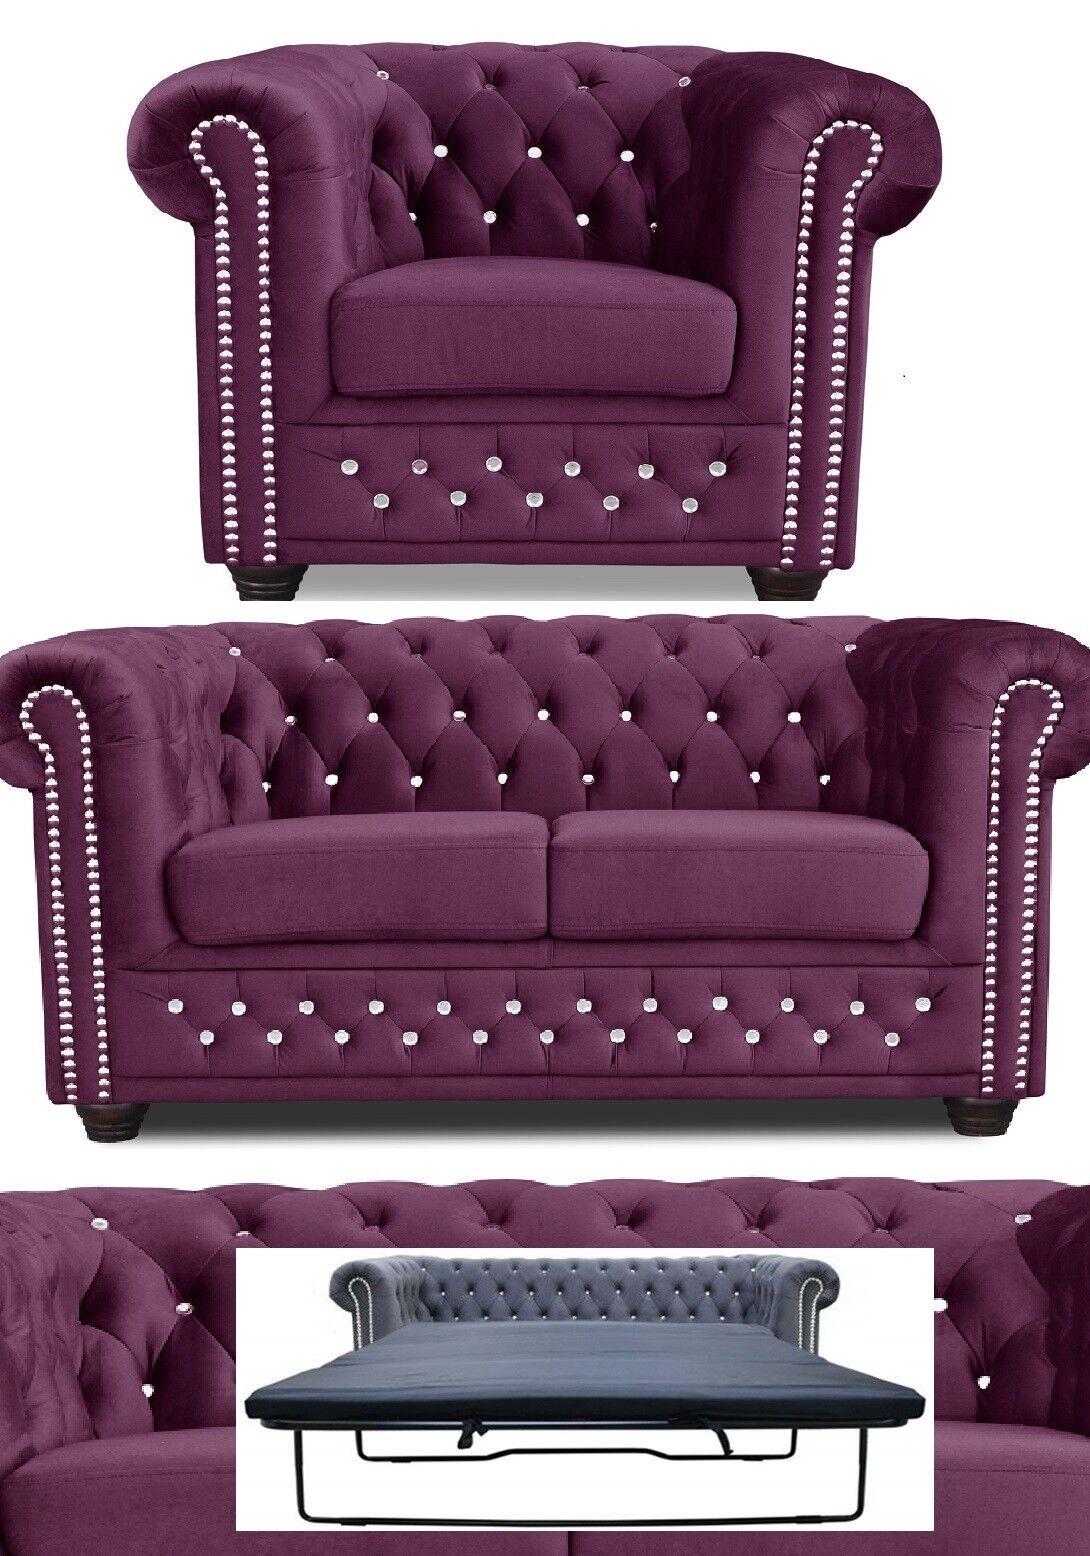 Chesterfield Sofa 3 + 2er Sitzer + Sessel Garnitur BETT STOFF LILA Büromöbel